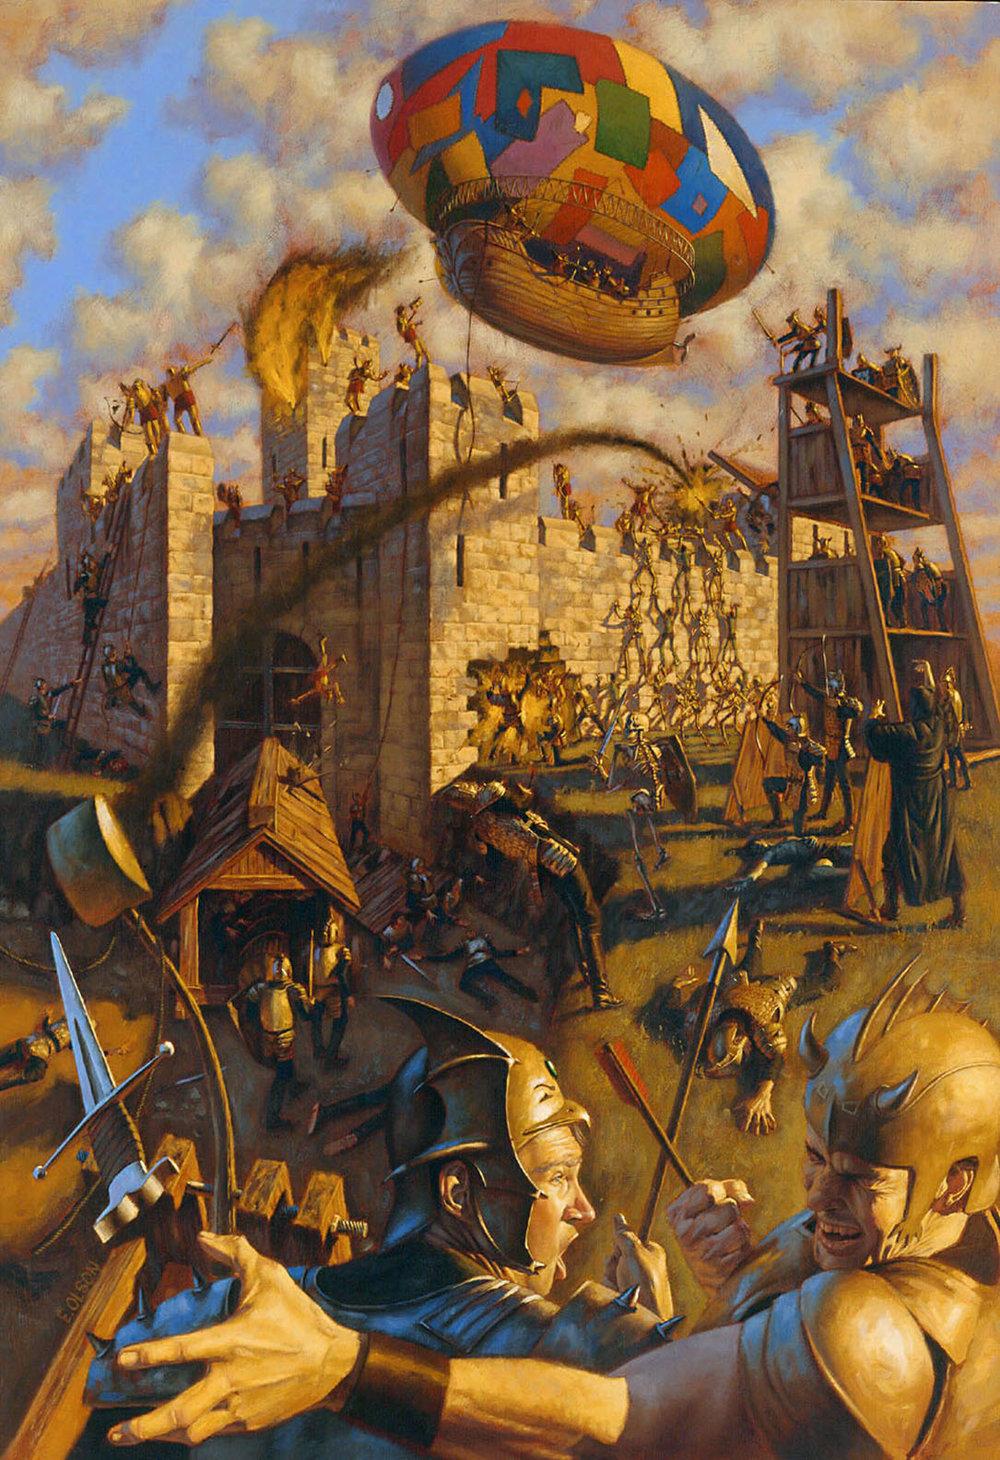 Battle Scene for Strongholds